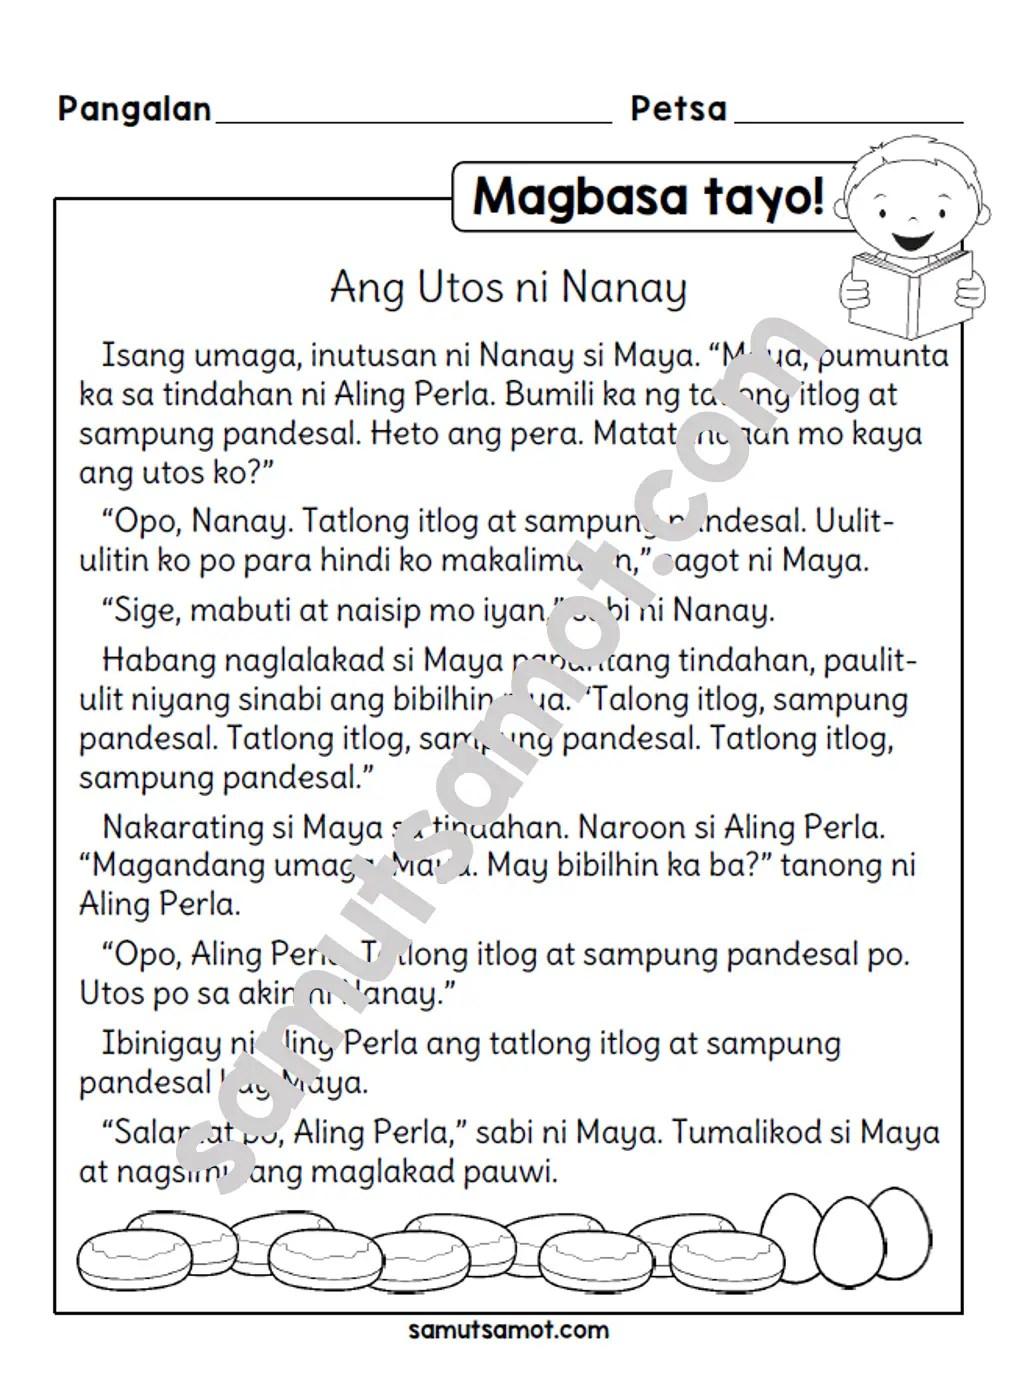 hight resolution of Magbasa Tayo!: Ang Utos ni Nanay - Samut-samot